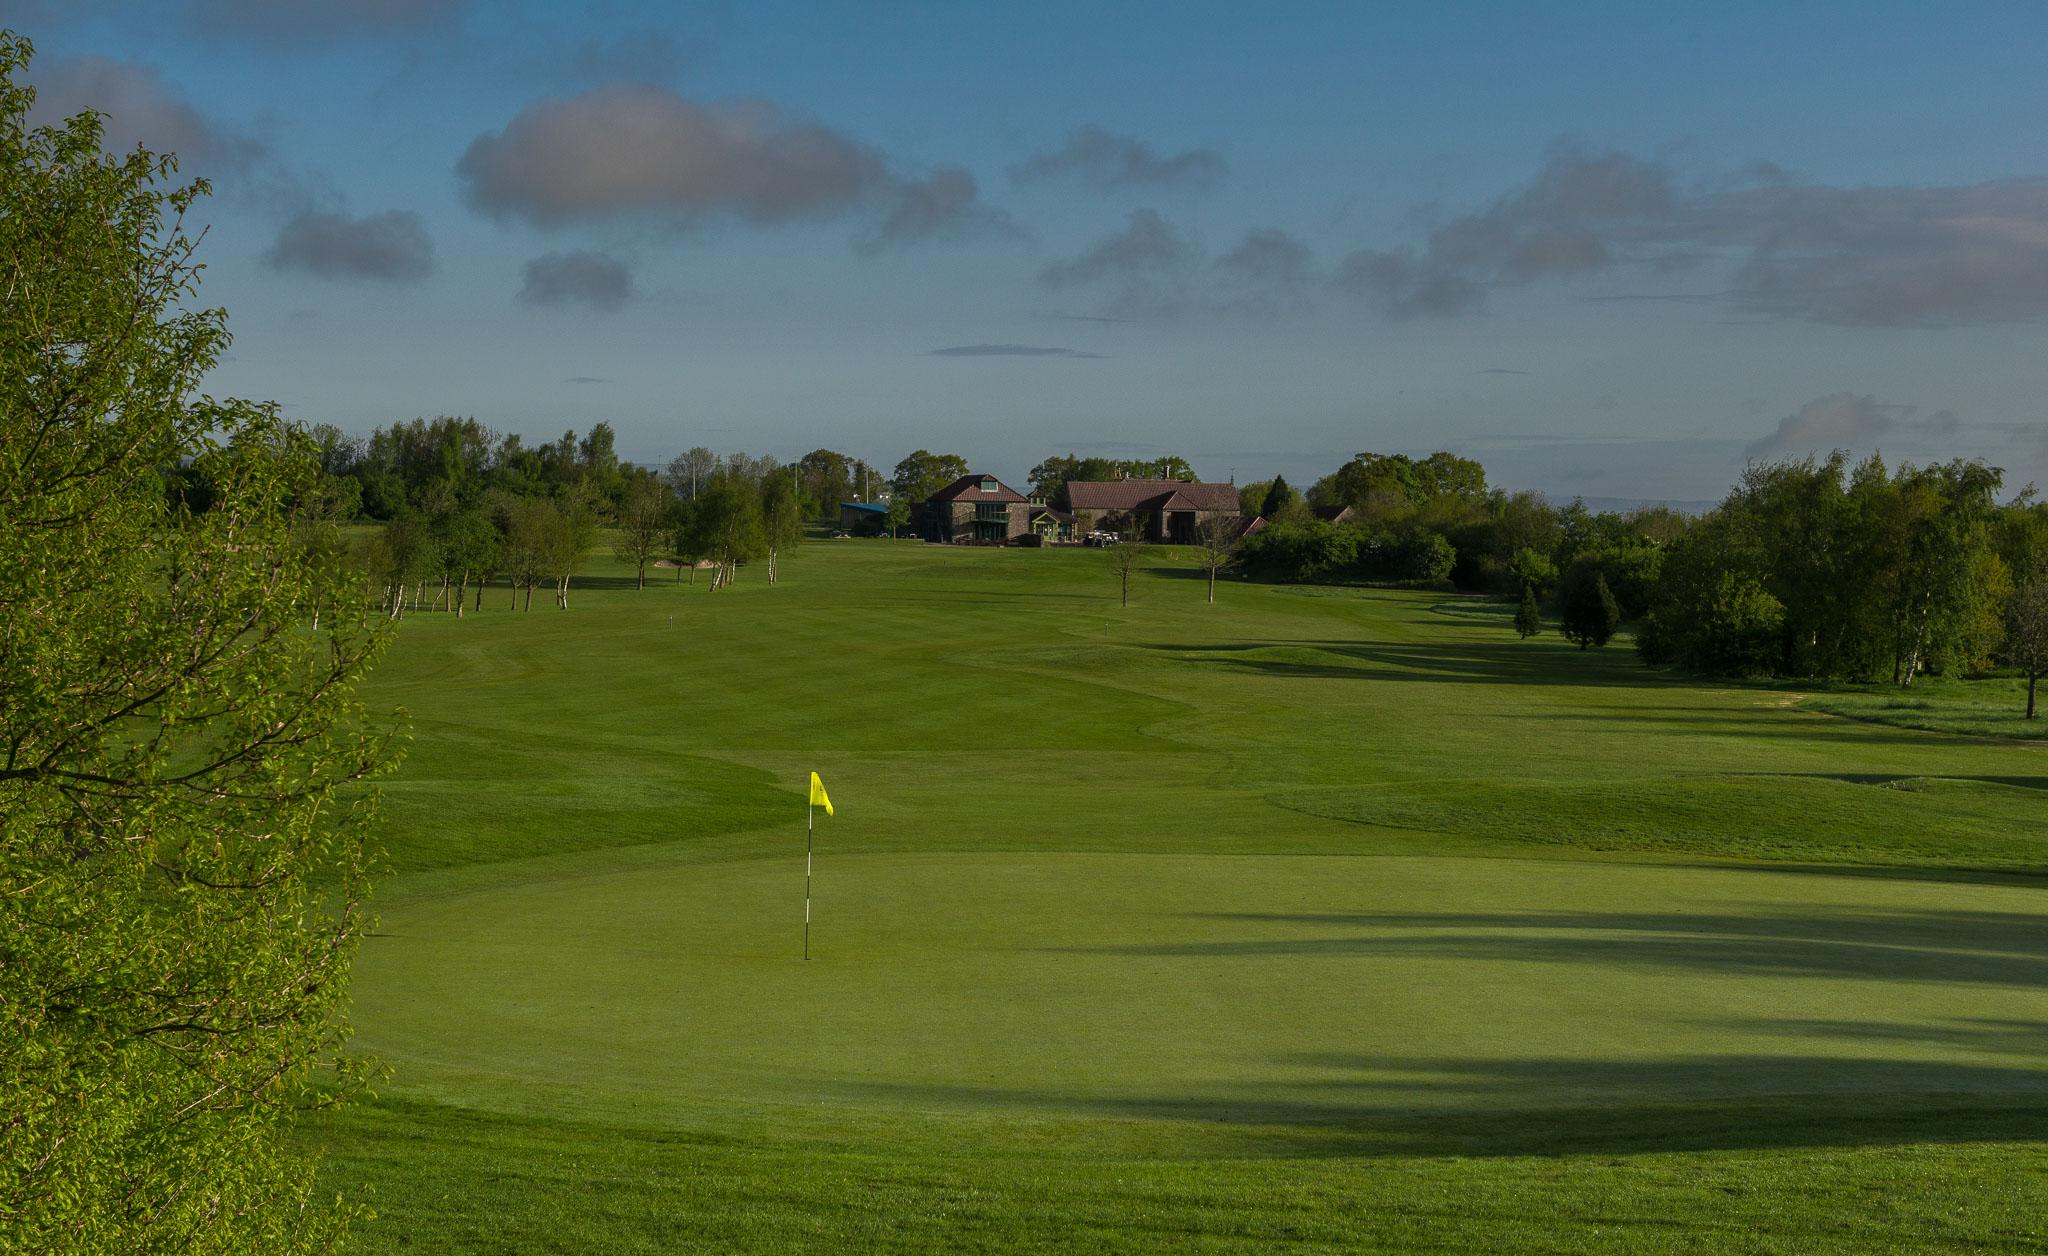 BGL_Thornbury_GolfCourse_AndyHiseman_72dpi_EmailWeb-37.jpg